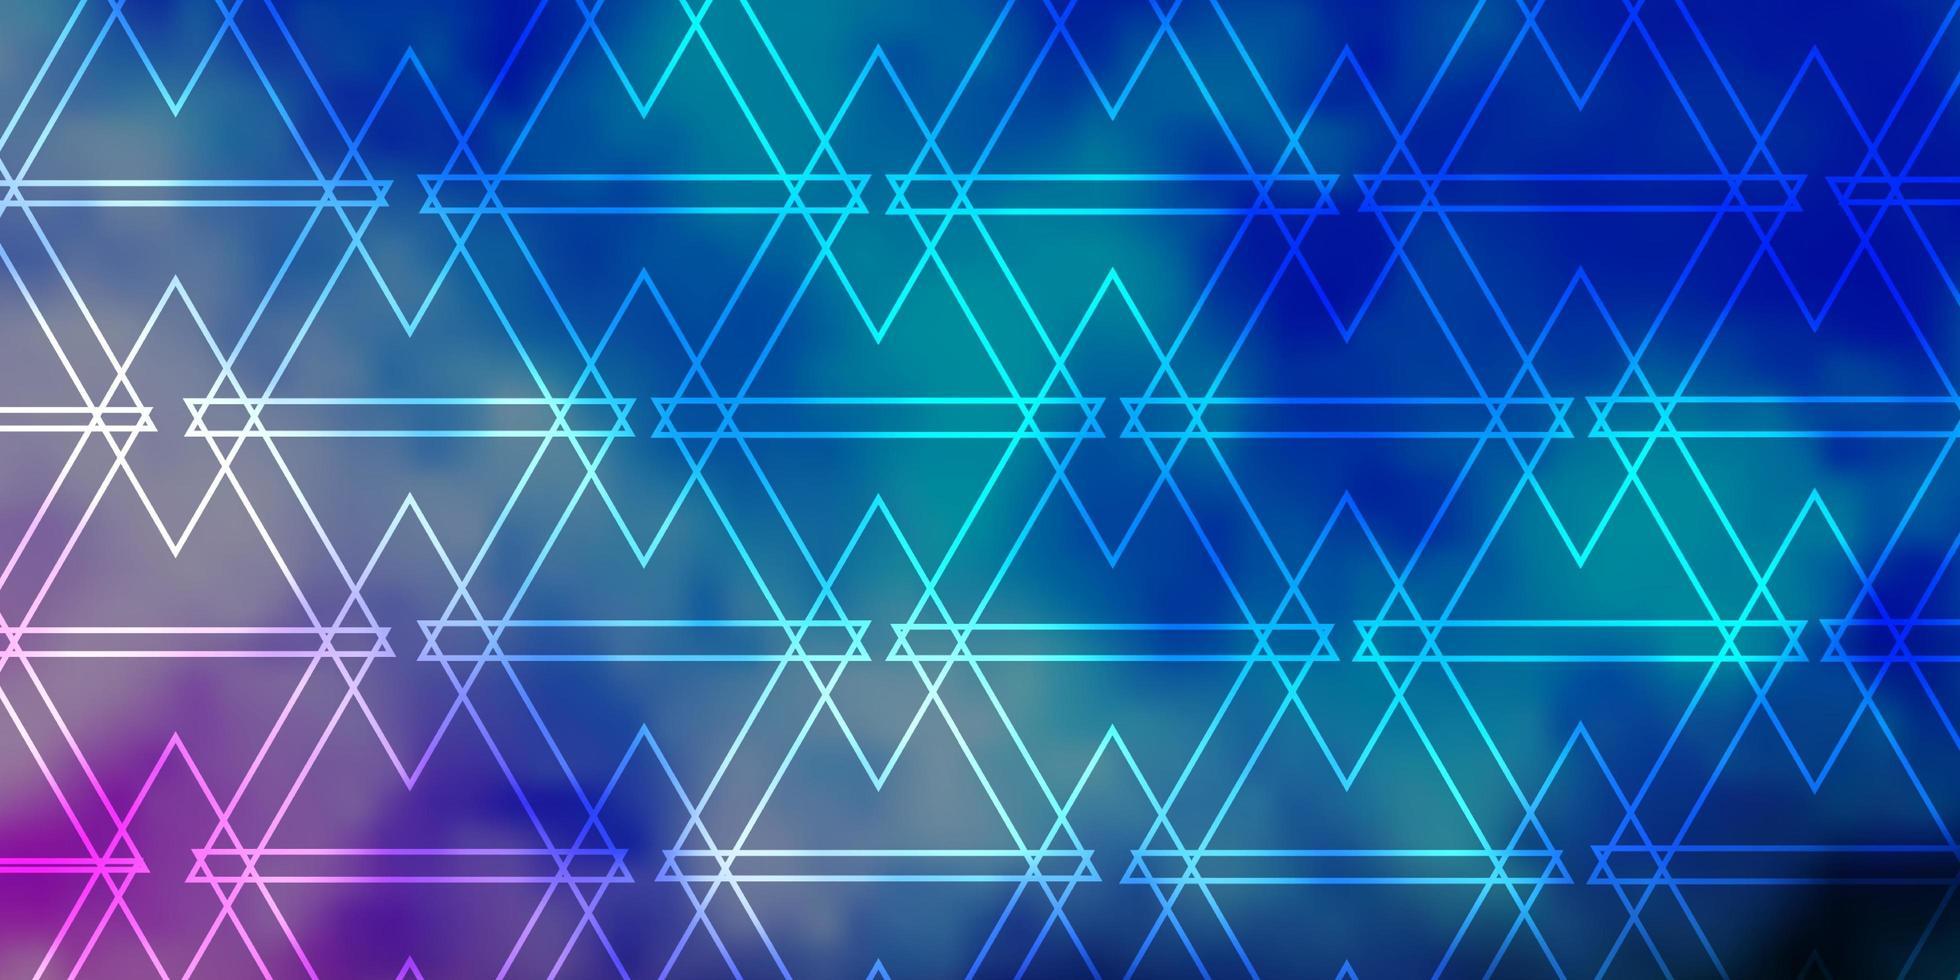 Fondo de vector azul claro, verde con líneas, triángulos.